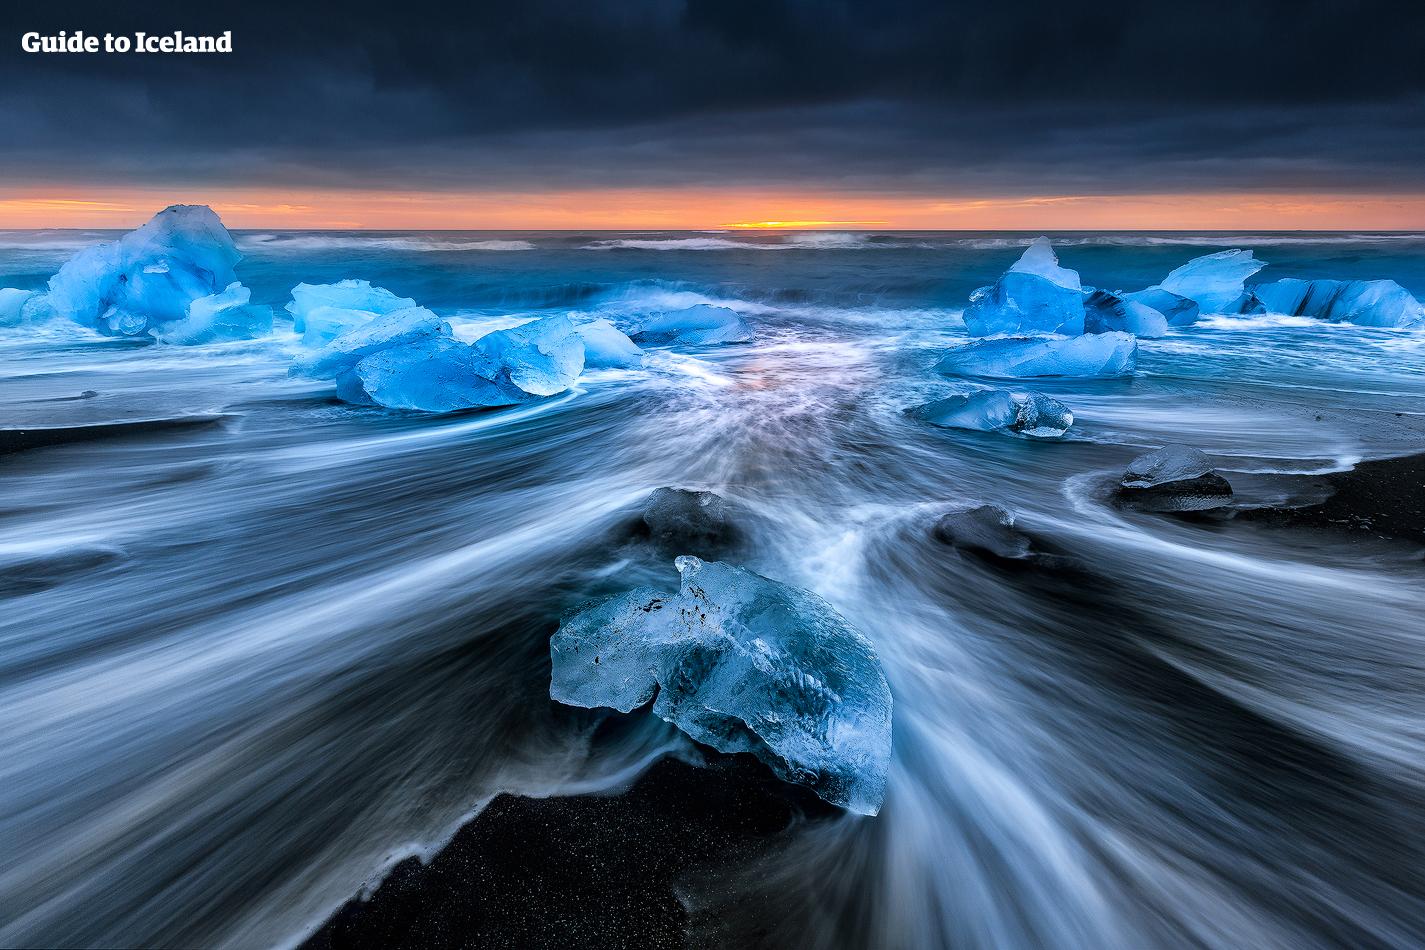 Icebergs varados en la Playa Diamante en la costa sur de Islandia.